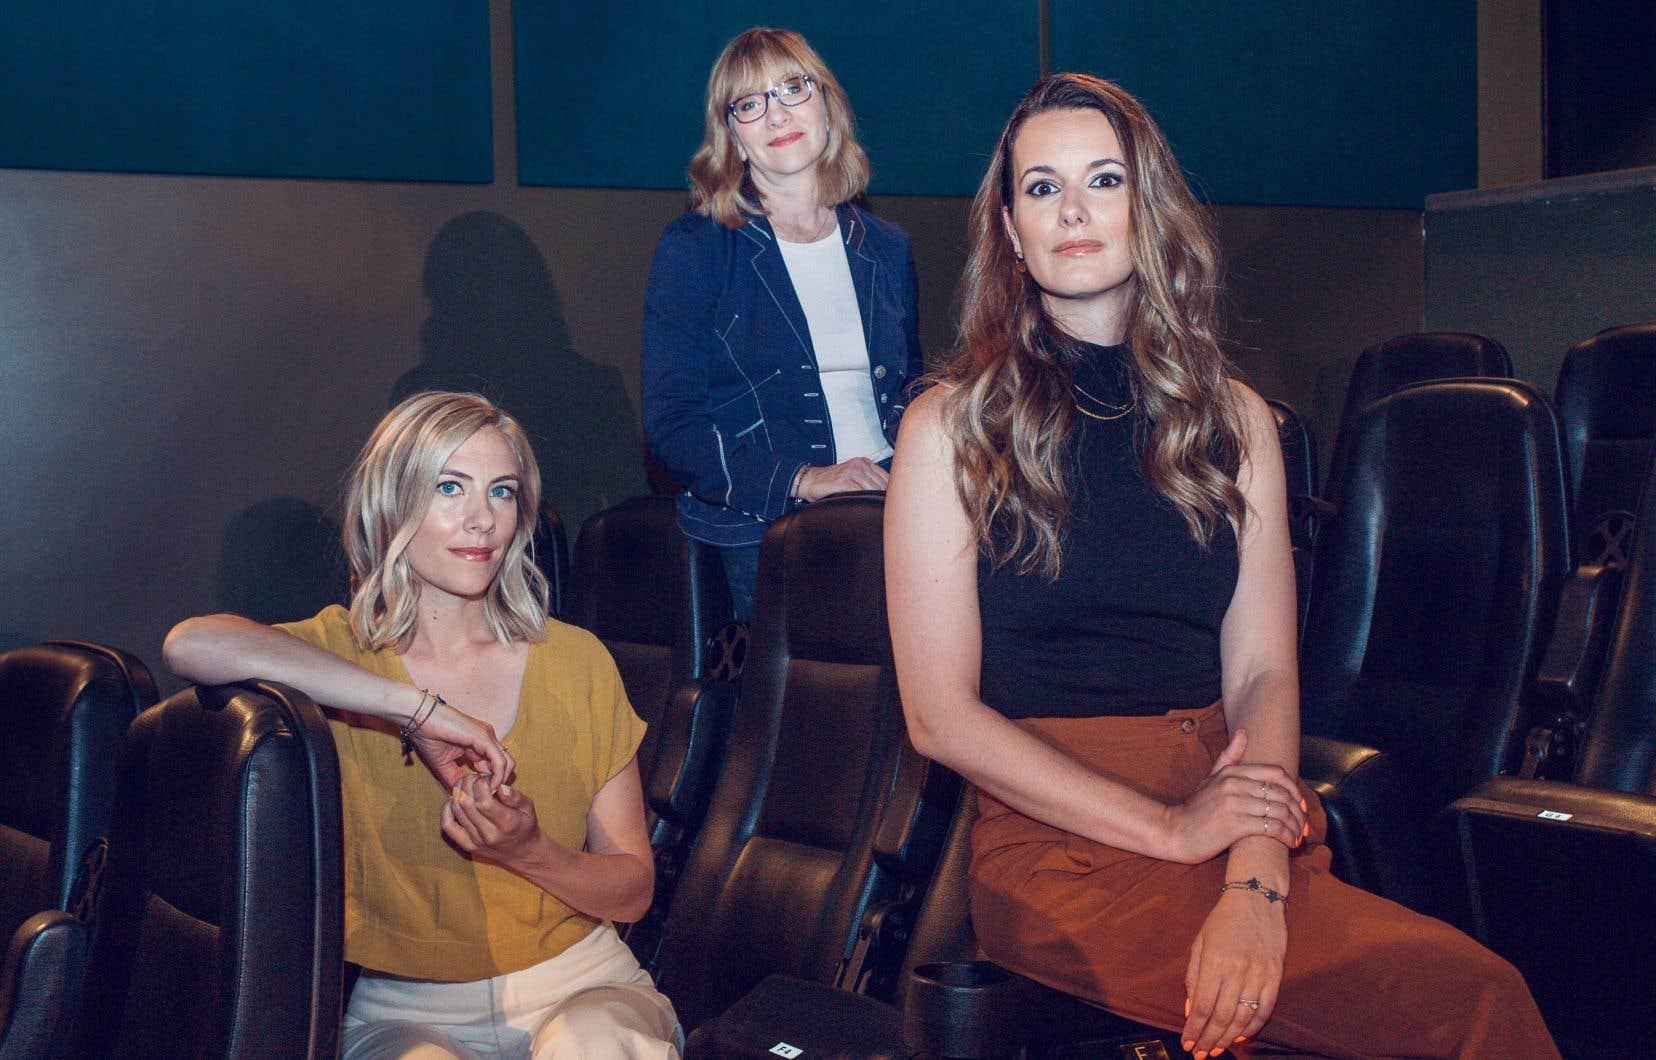 Les réalisatrices Émilie Perreault (à gauche) et Monic Néron, en compagnie de la productrice Denise Robert (derrière)